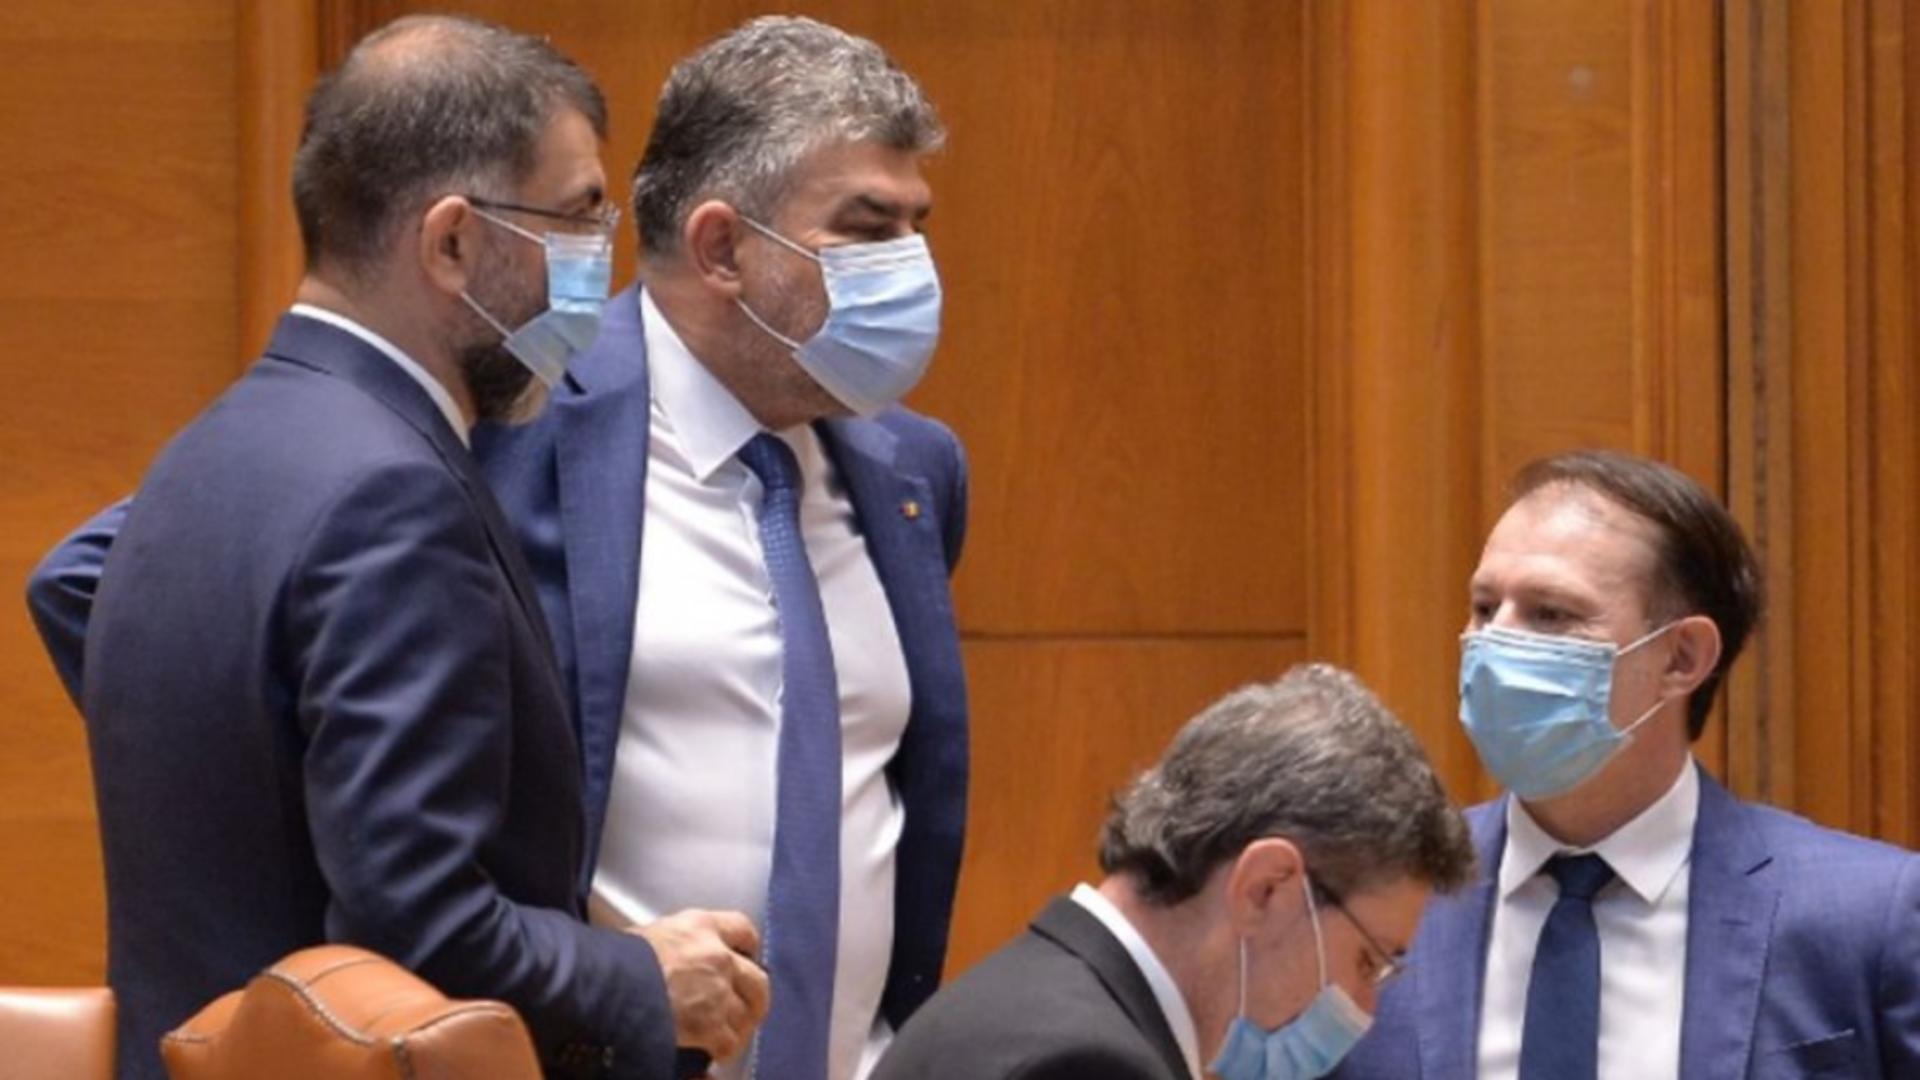 Marcel Ciolacu spune că PSD nu va susține un guvern minoritar PNL. Foto/inquam